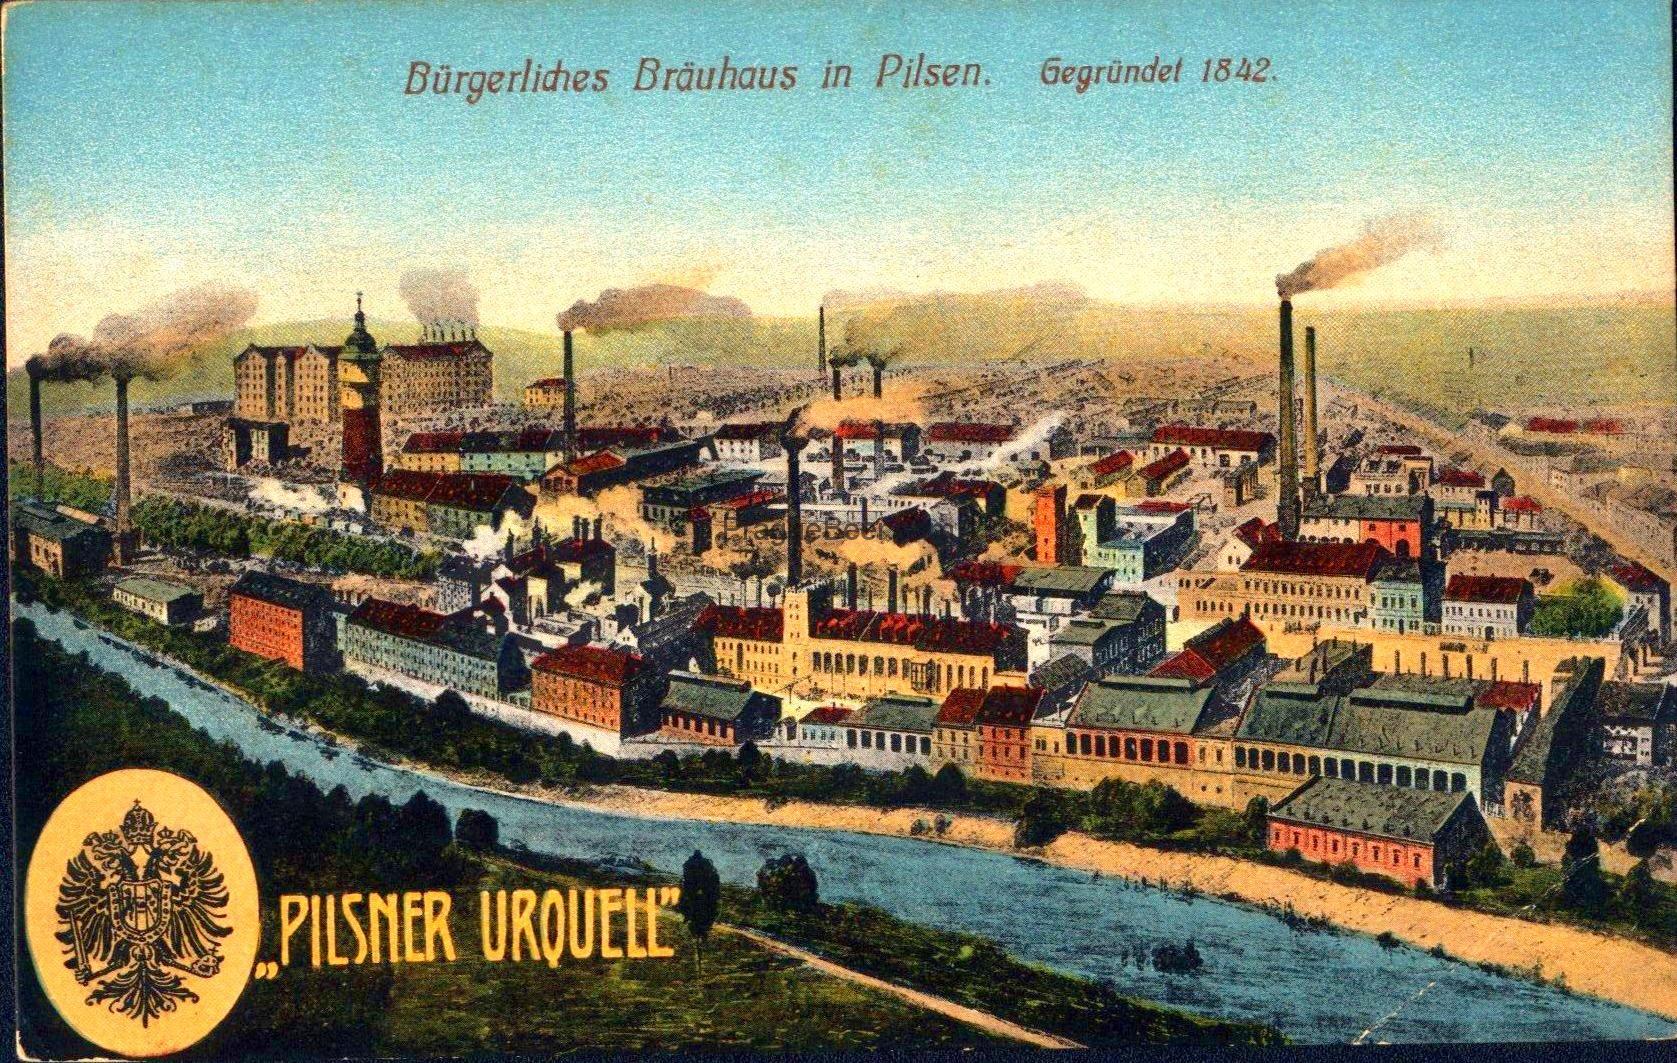 """Burgerliches Brauhaus in Pilsen """"Pilsen Urquell"""" RU orlice"""